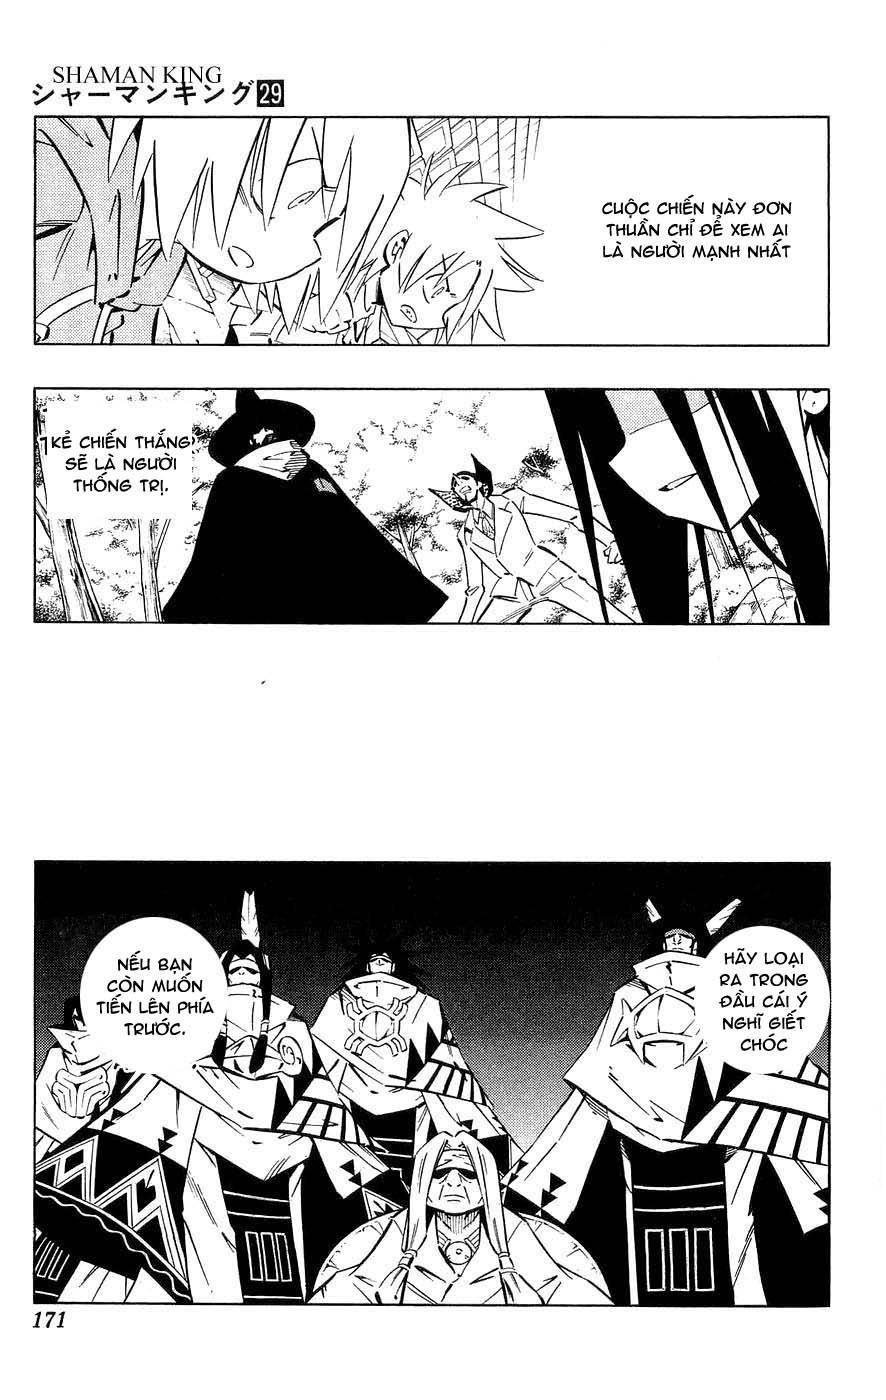 Vua Pháp Thuật-Shaman King chap 257 Trang 5 - Mangak.info